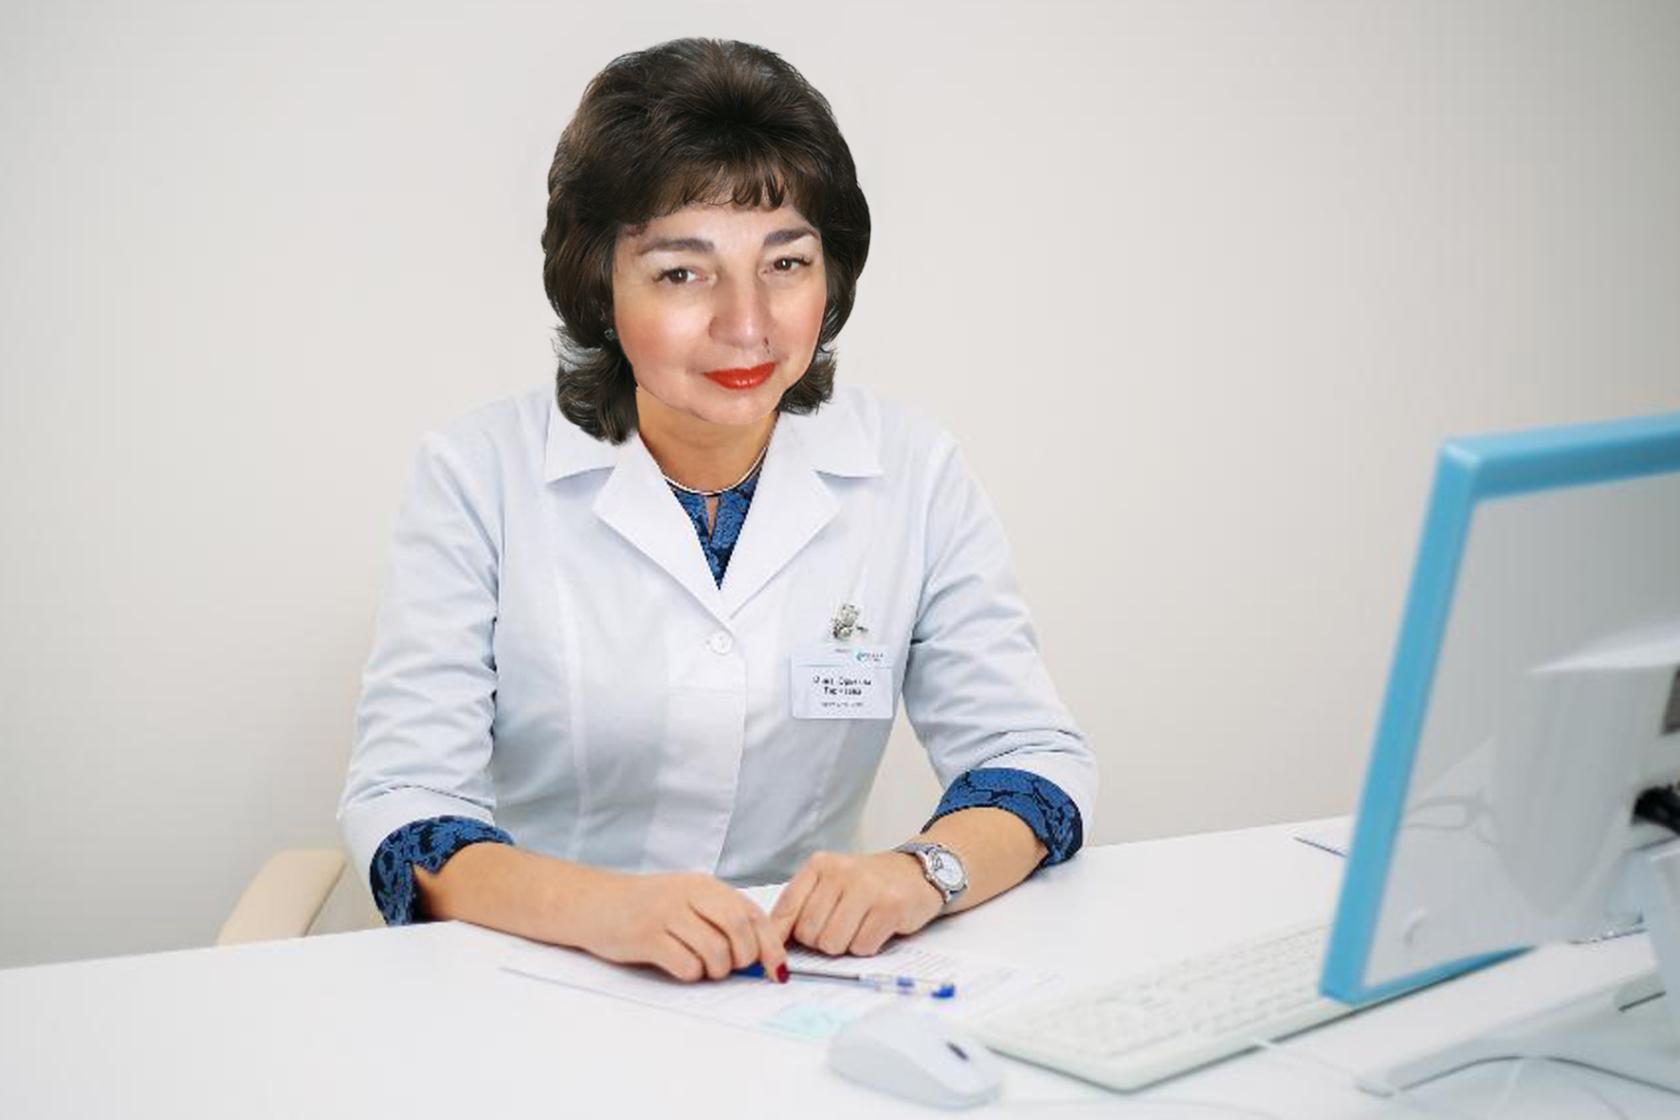 Дзиваева Маргарита Хореновна. Гастроэнтеролог. Врач высшей квалификационной категории